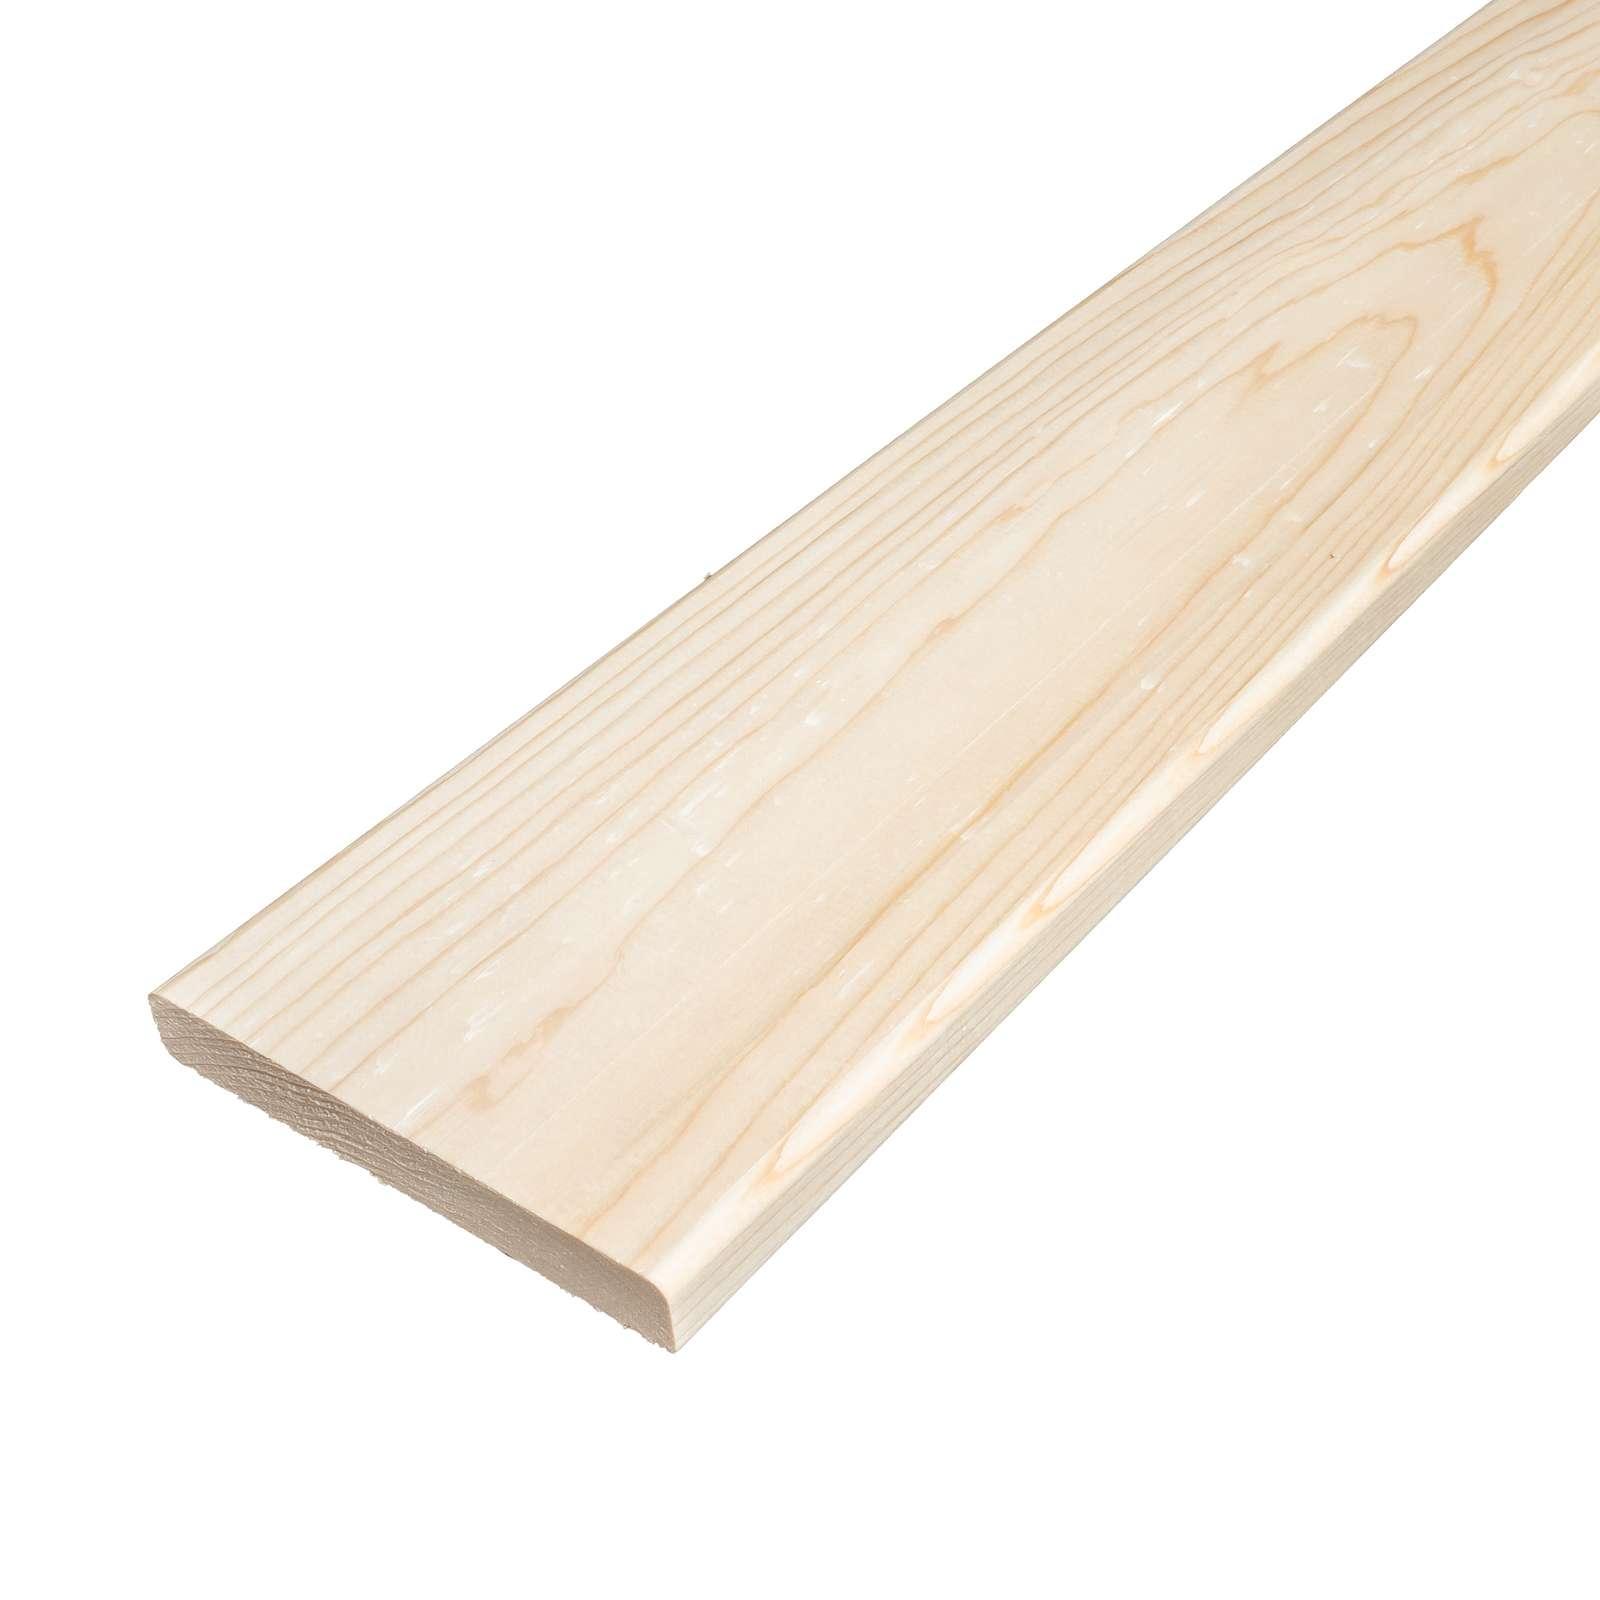 Строительные материалы доска обрезная в г березовском строительная компания терем каталог дом 7#8